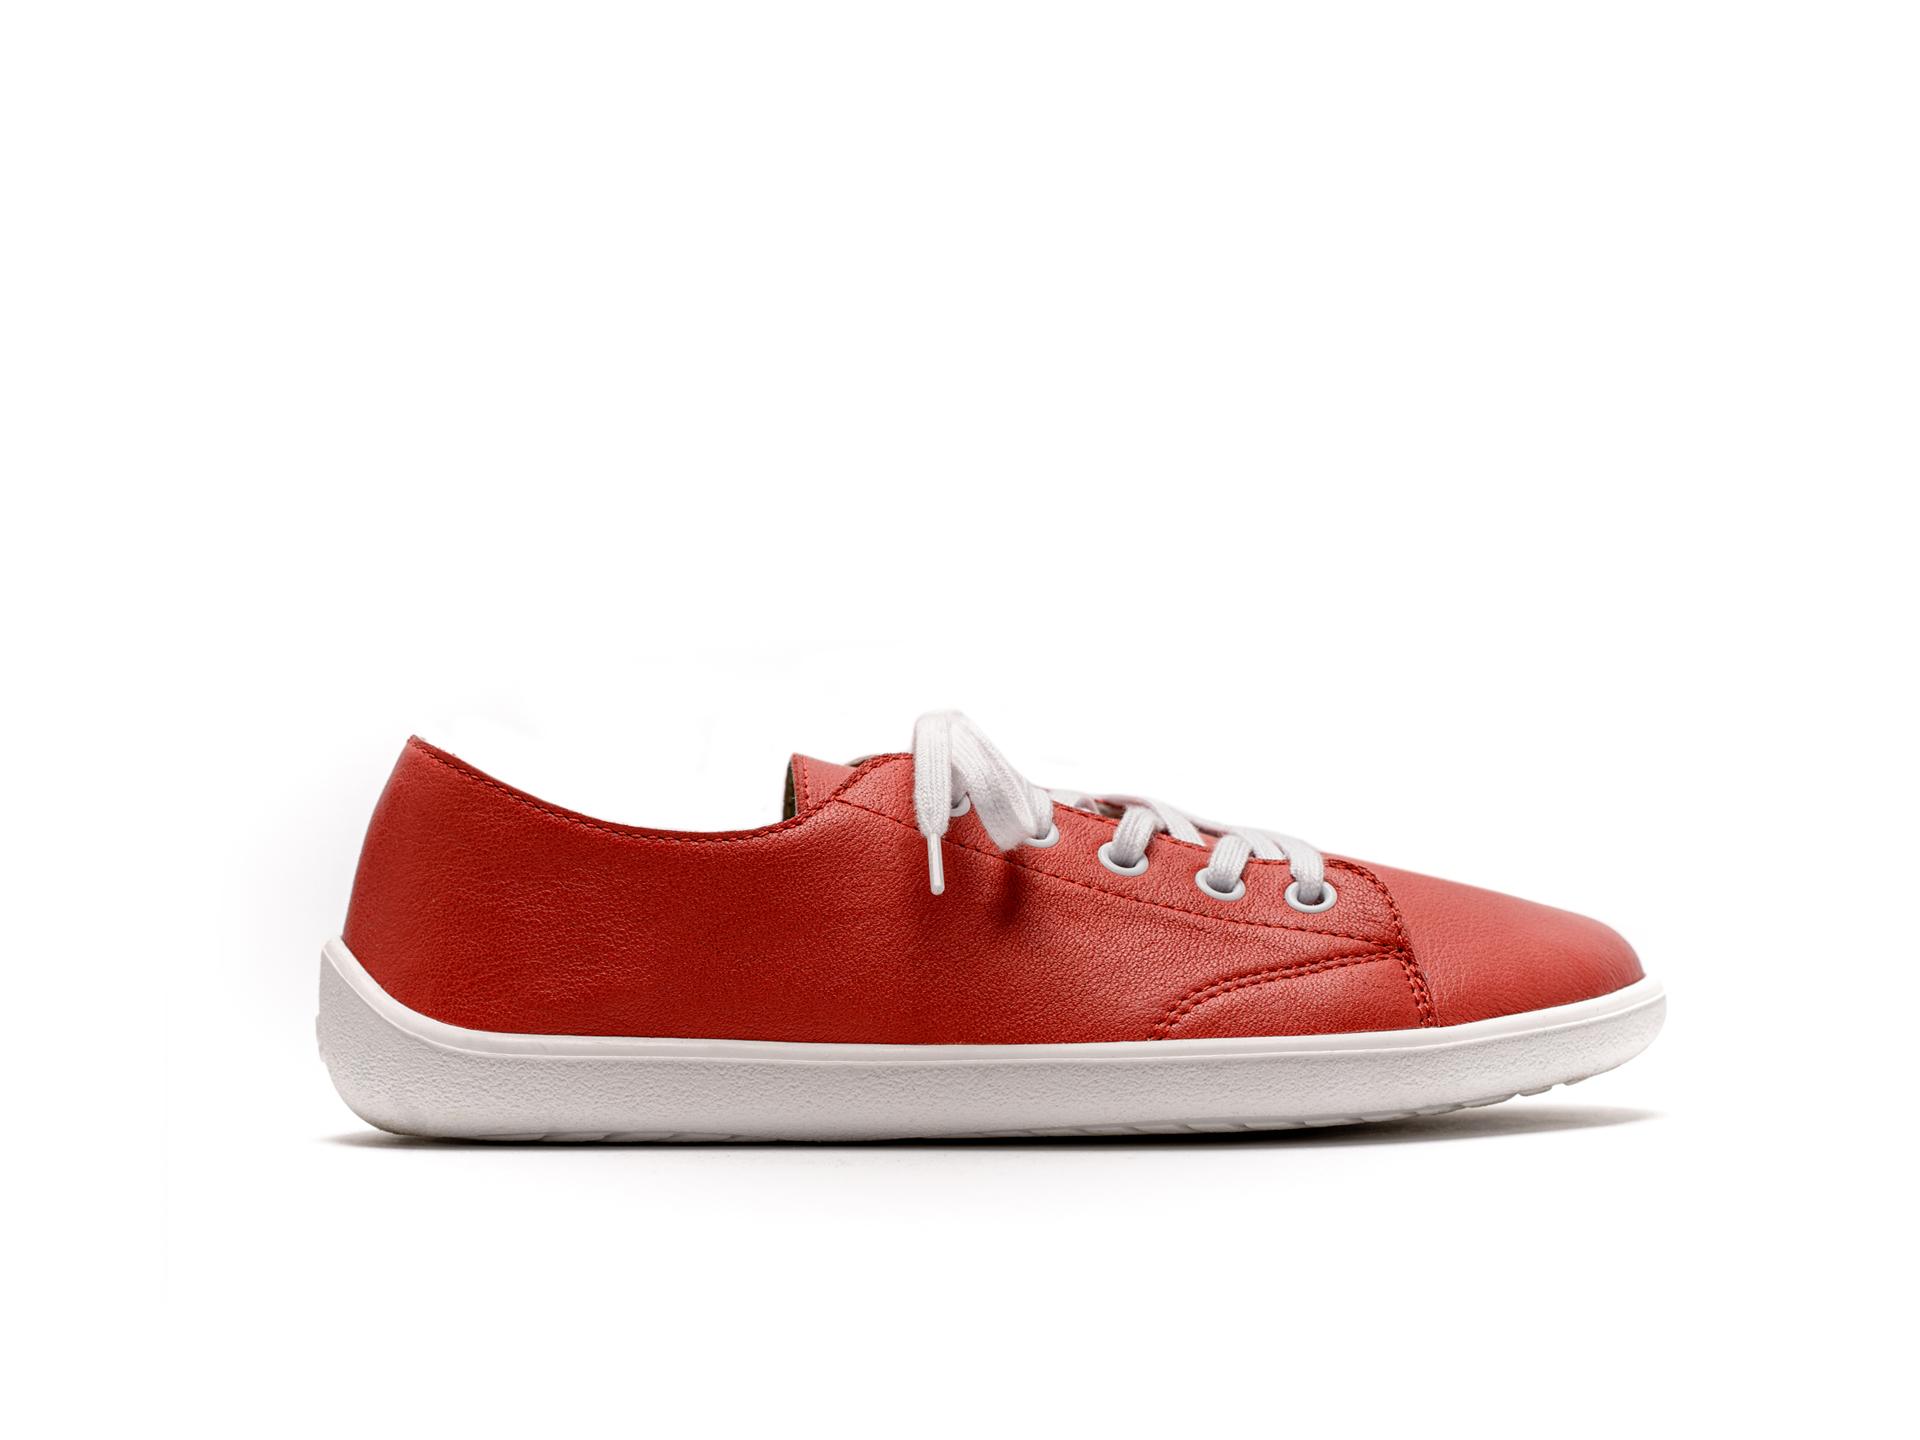 Barefoot Sneakers Be Lenka Prime - Red 41